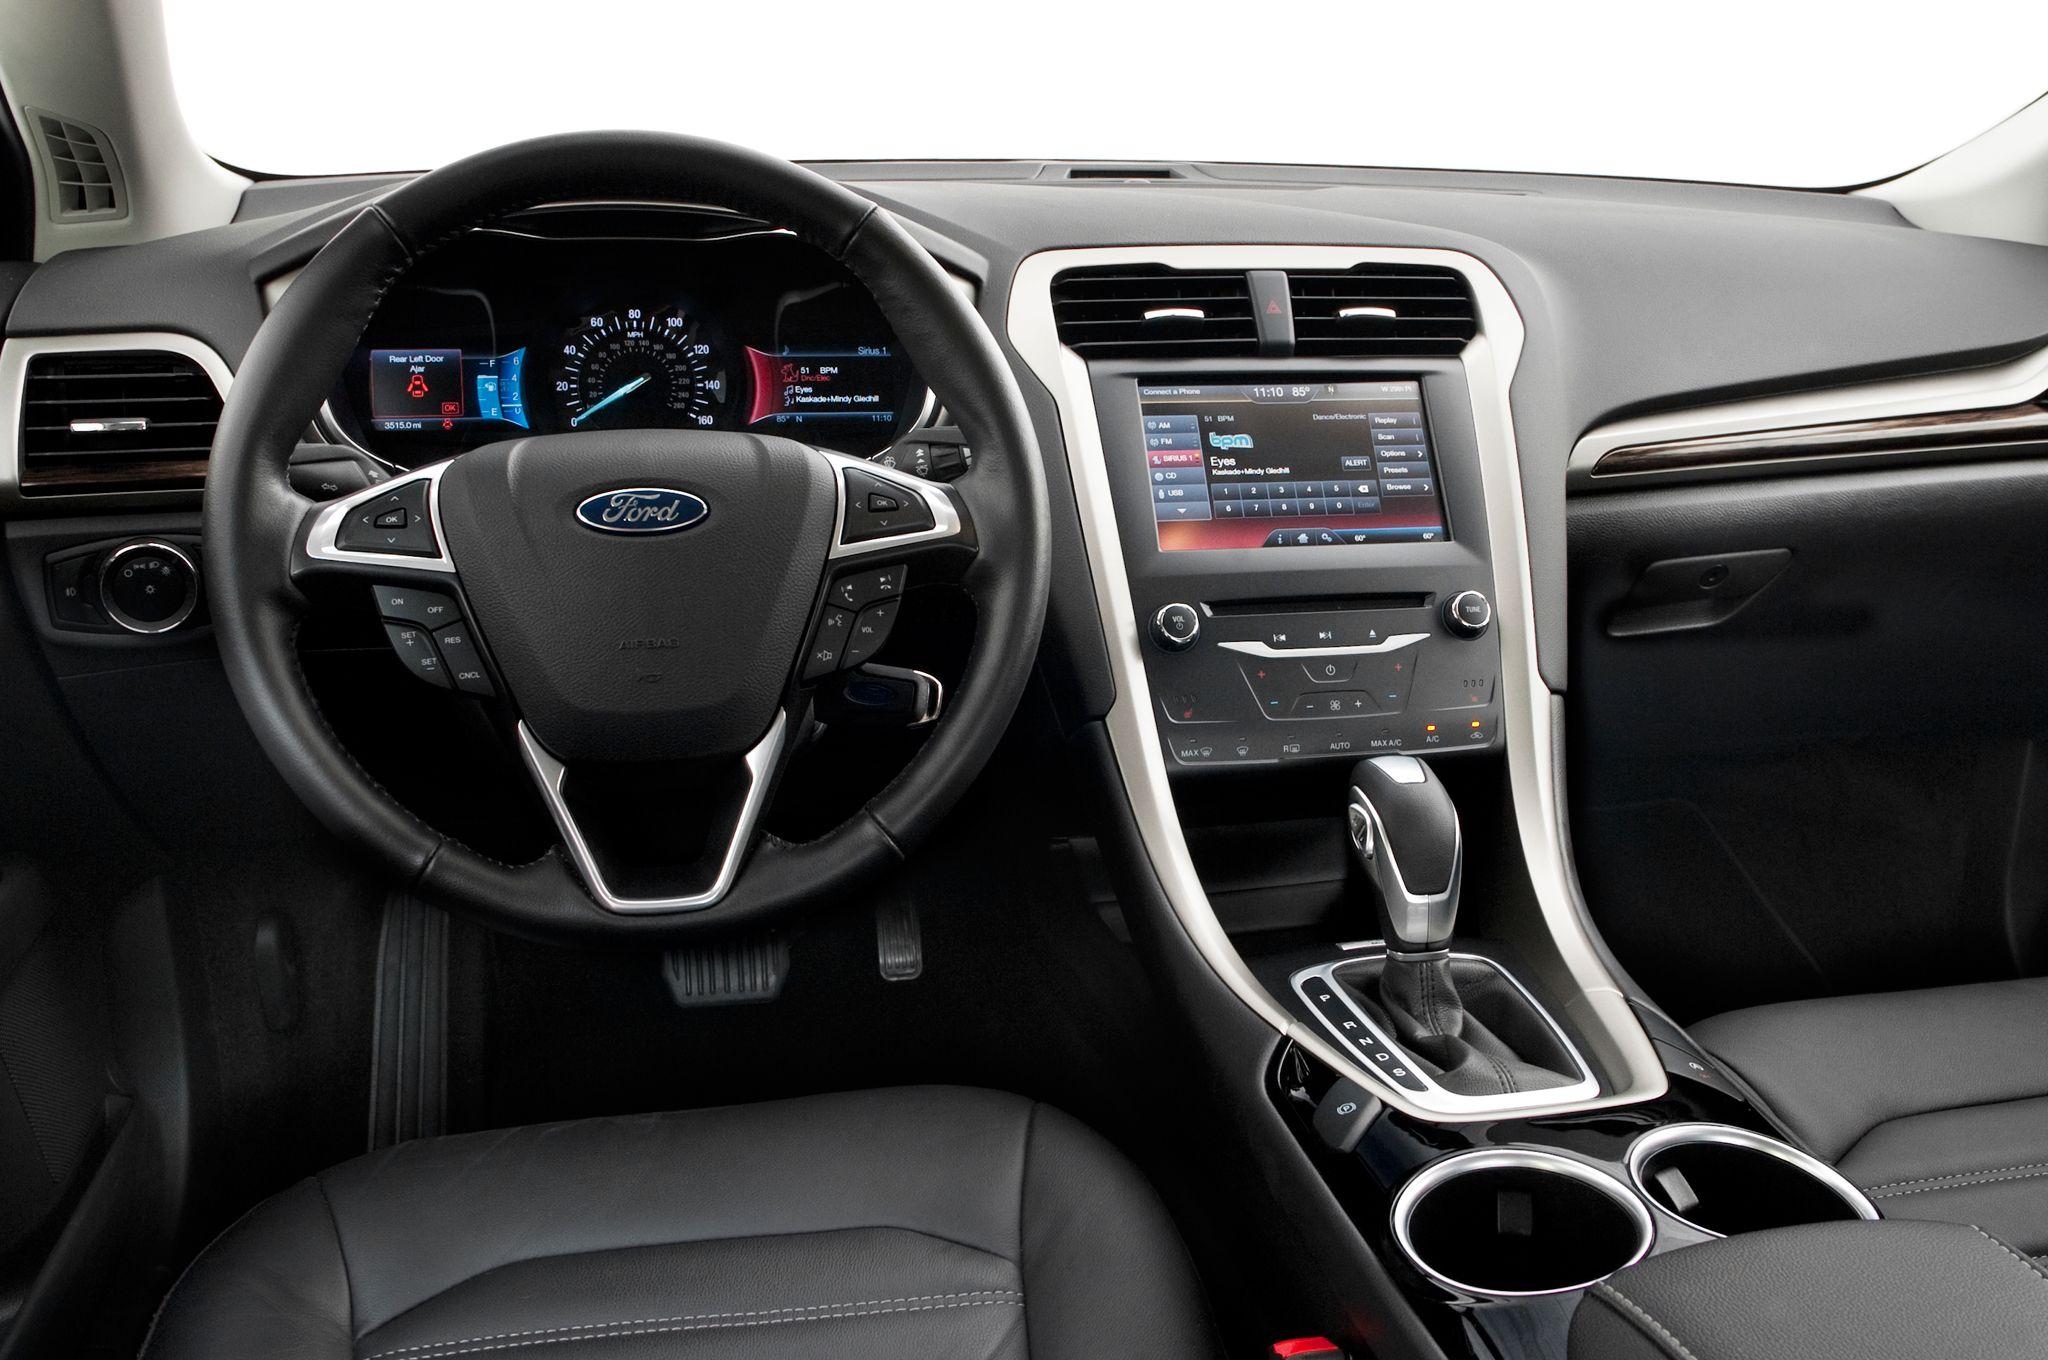 2013 ford fusion interior google search